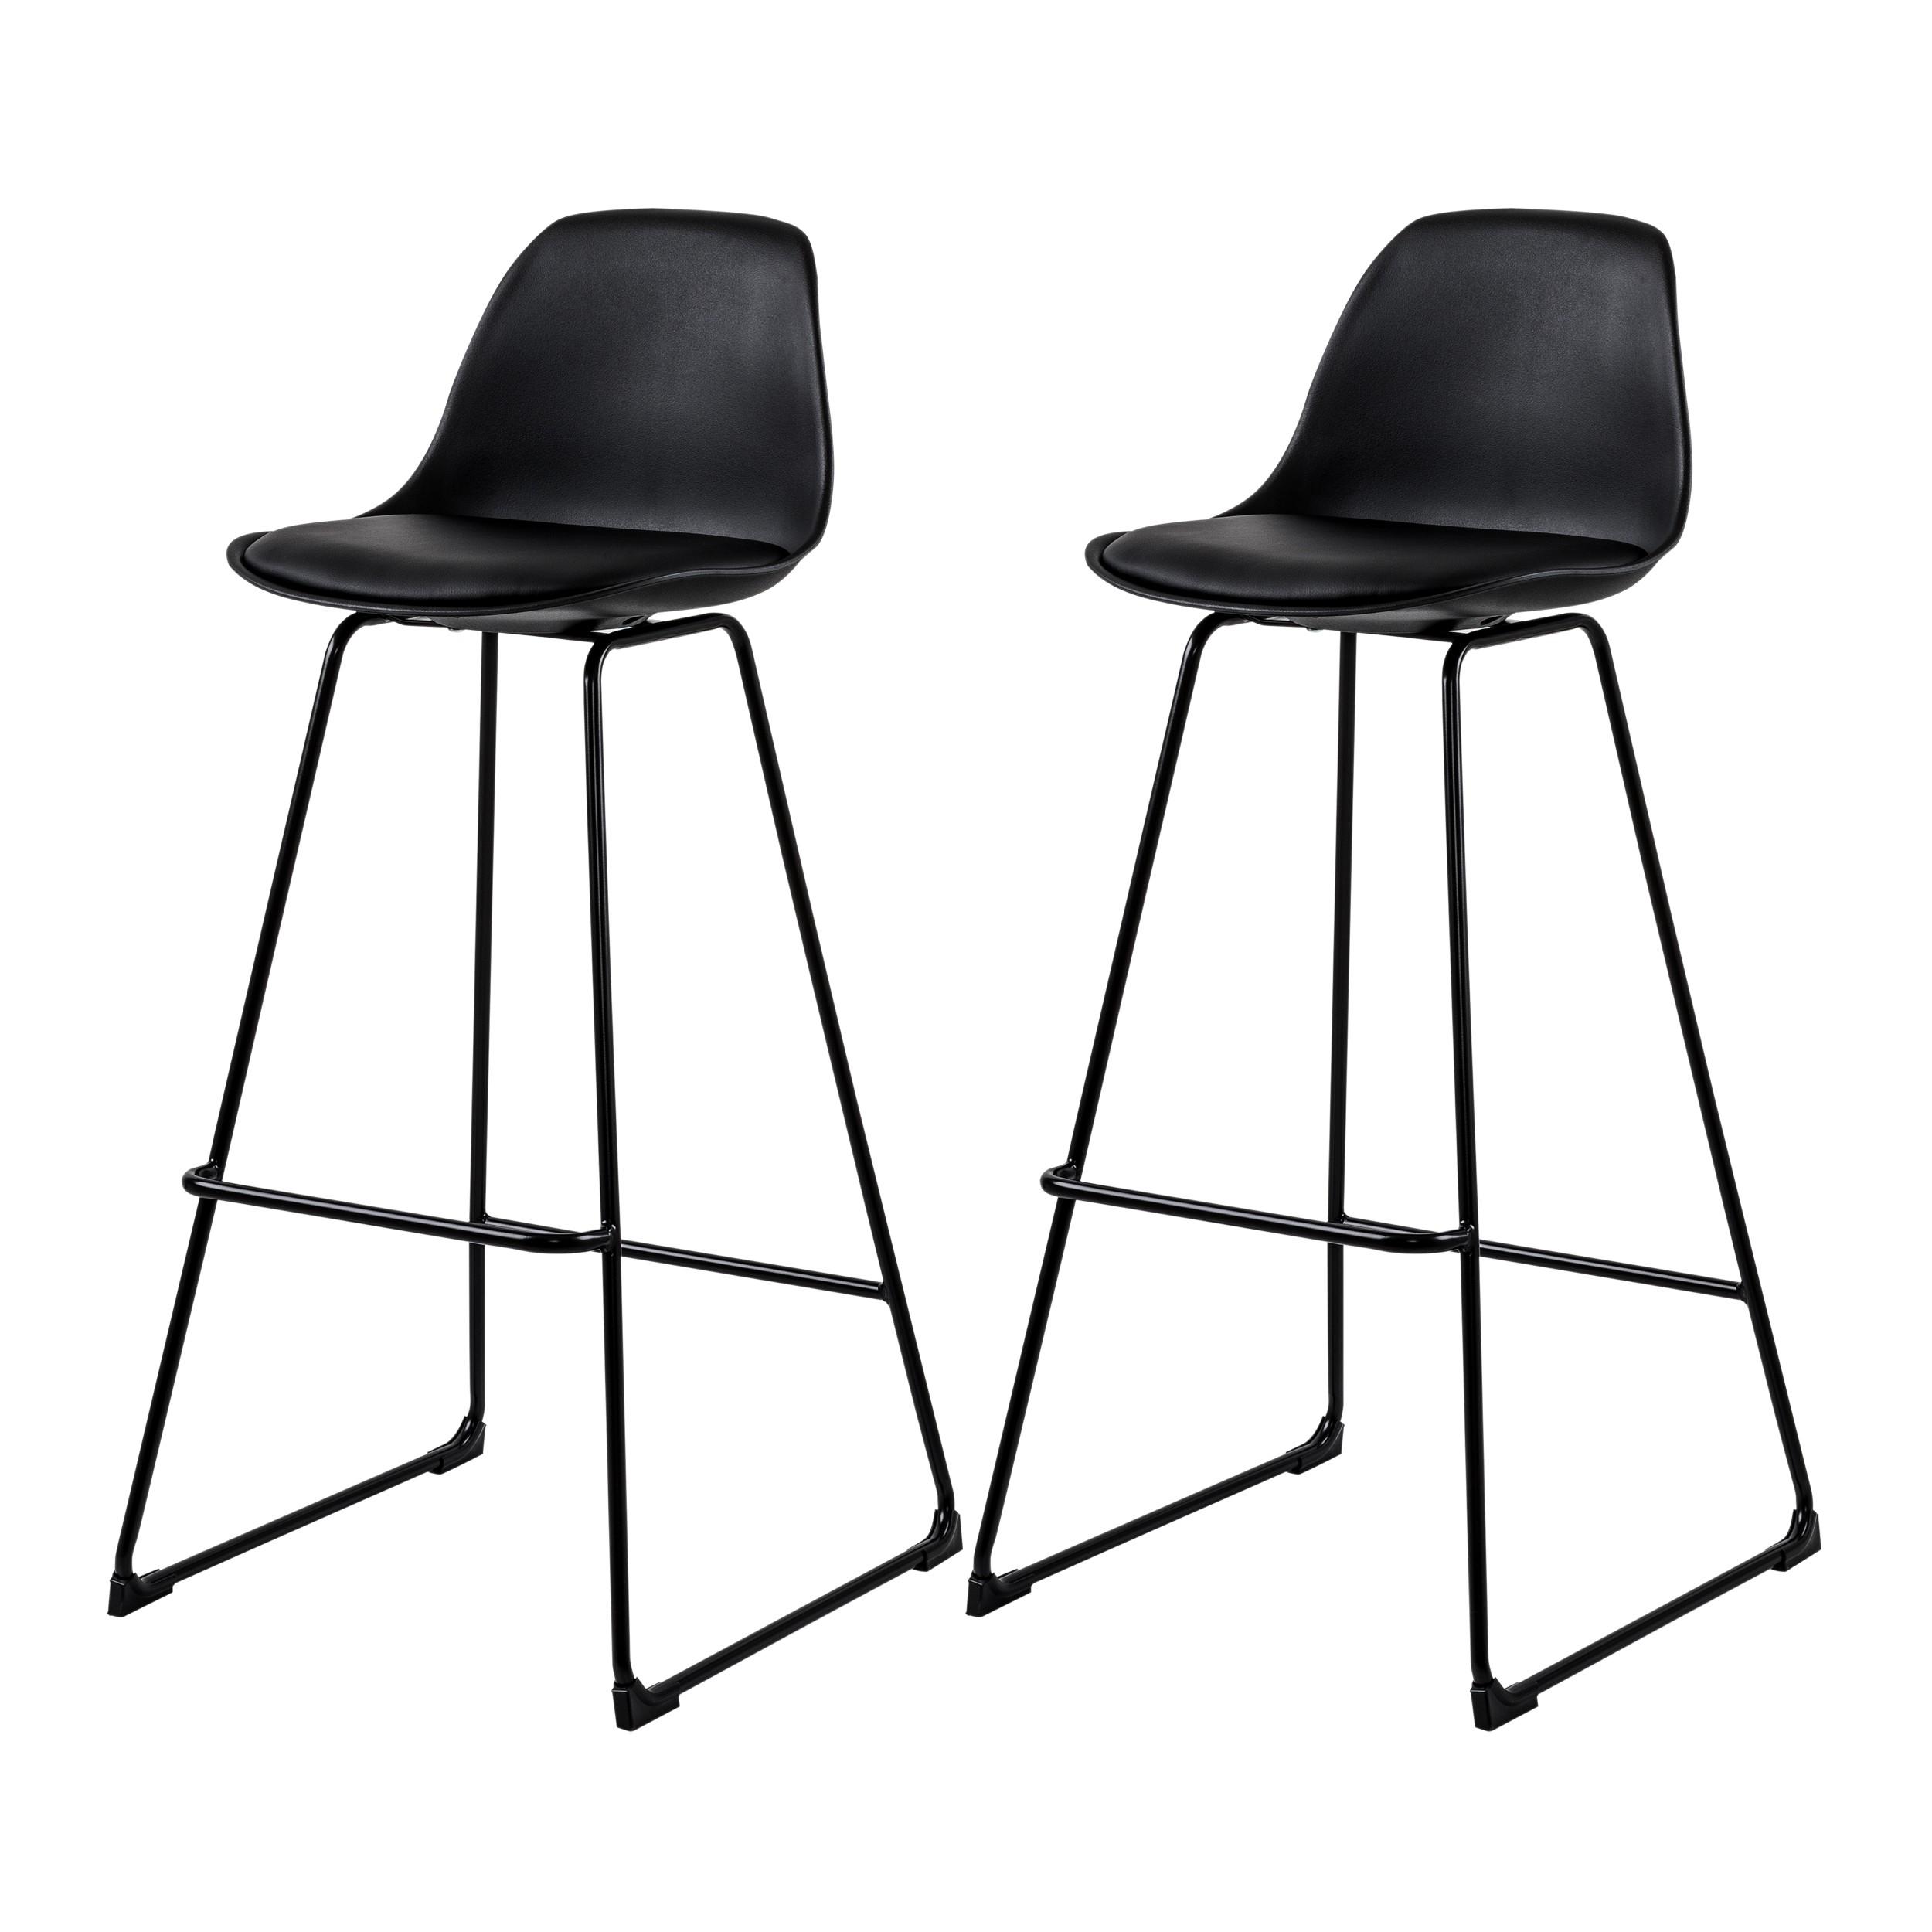 acheter chaise de bar noire design - Chaise Noire Design